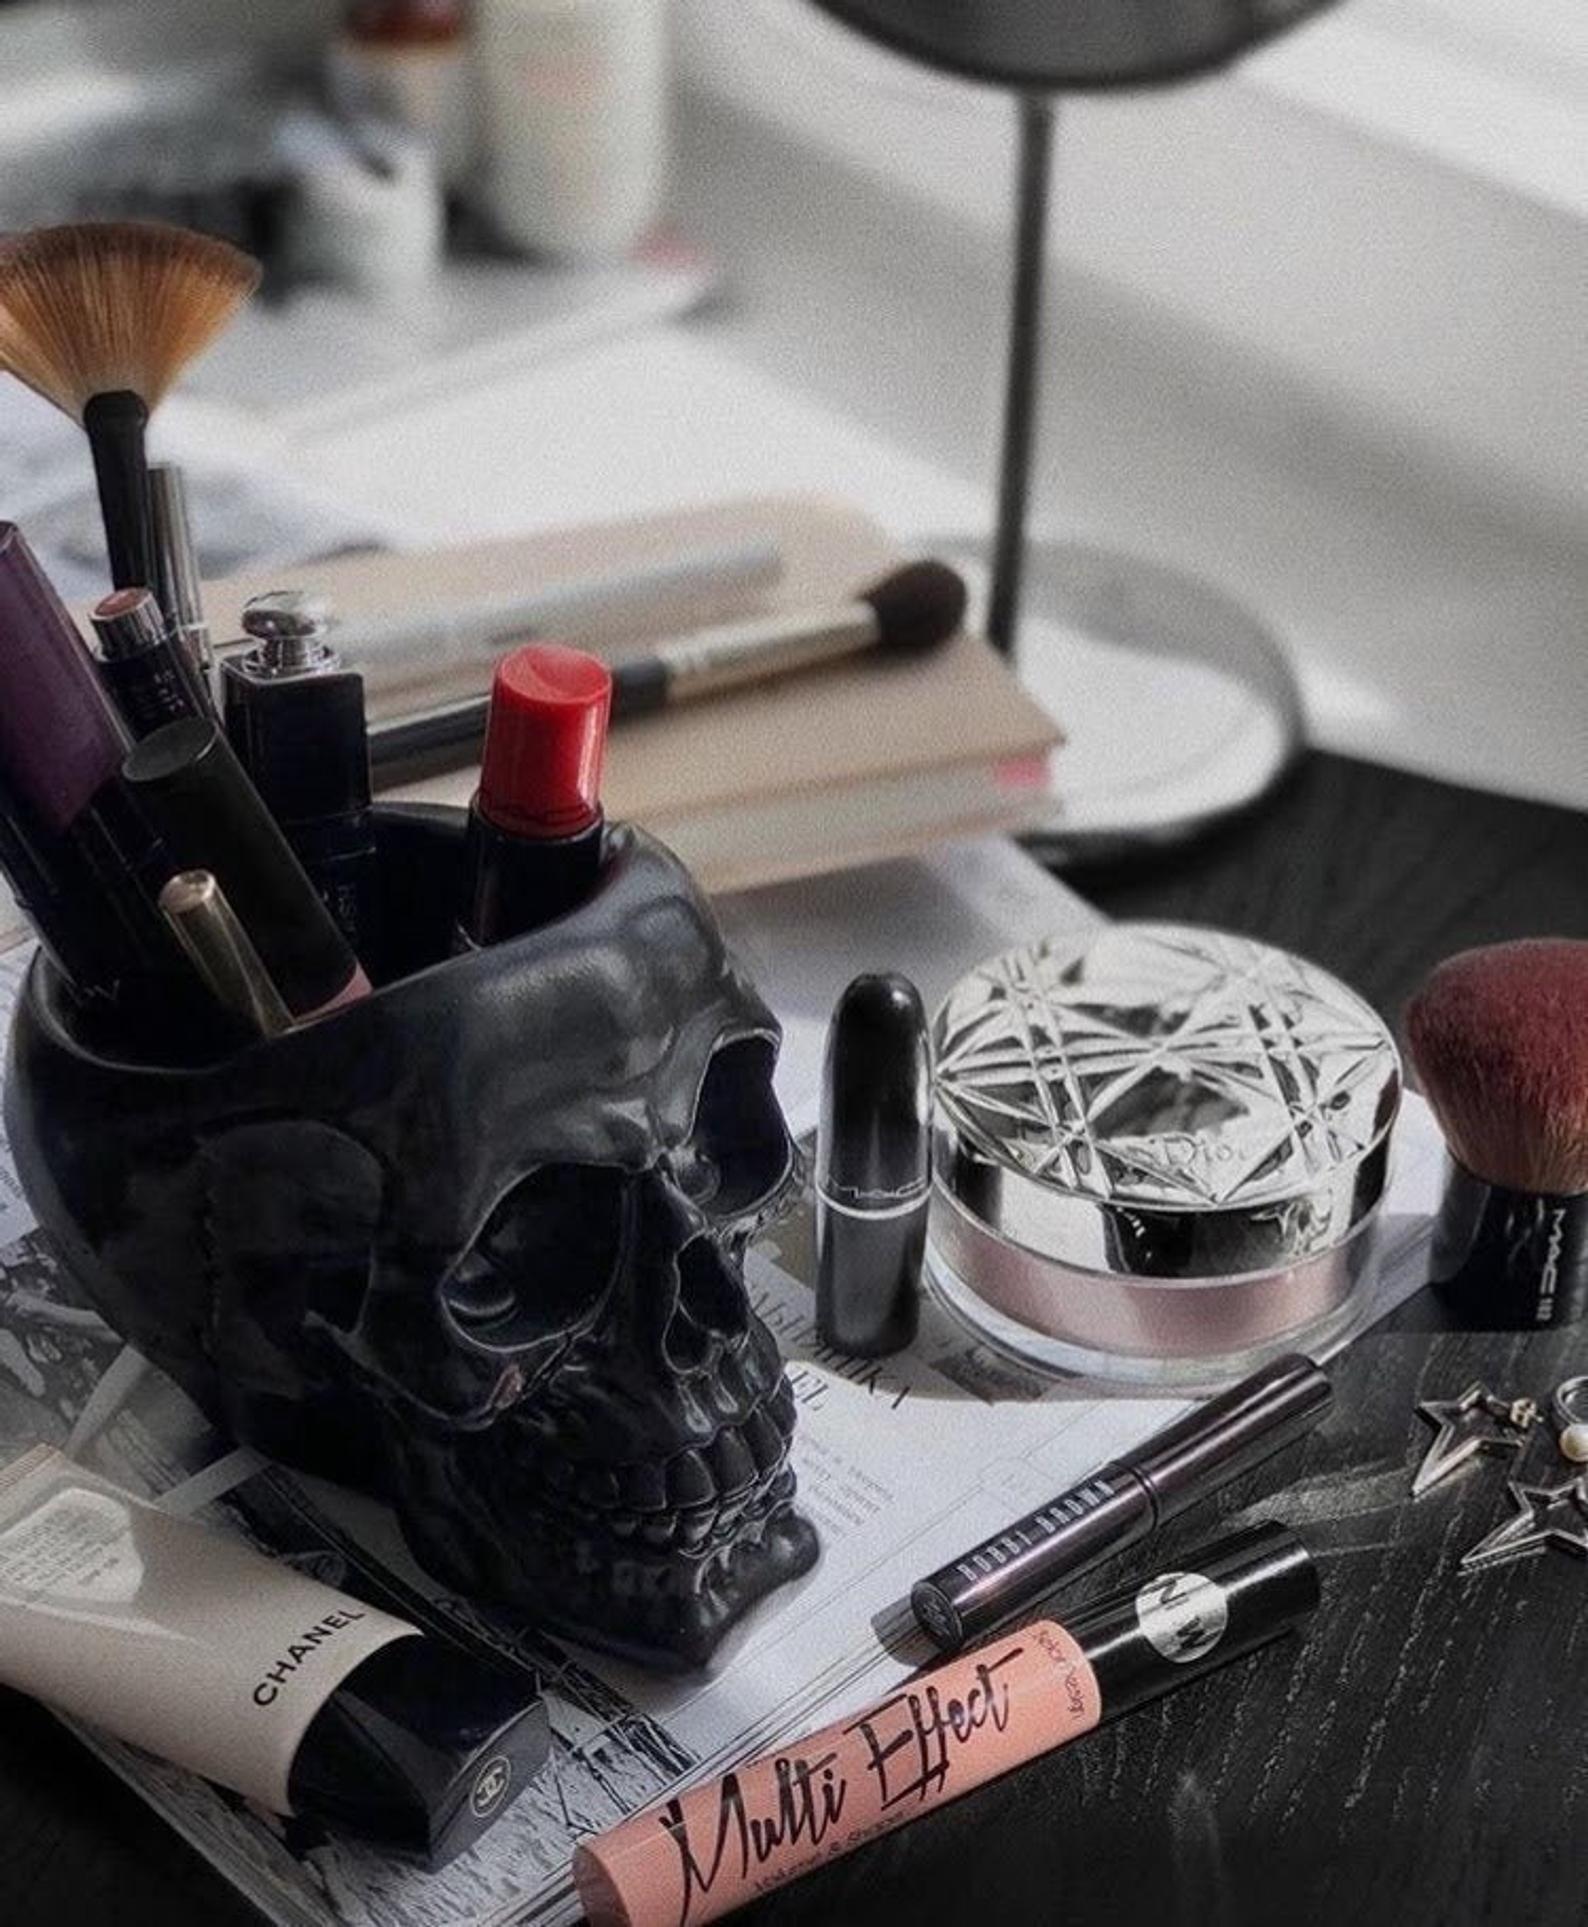 Skull Makeup Brush Holder Skull Planter Makeup Assessories